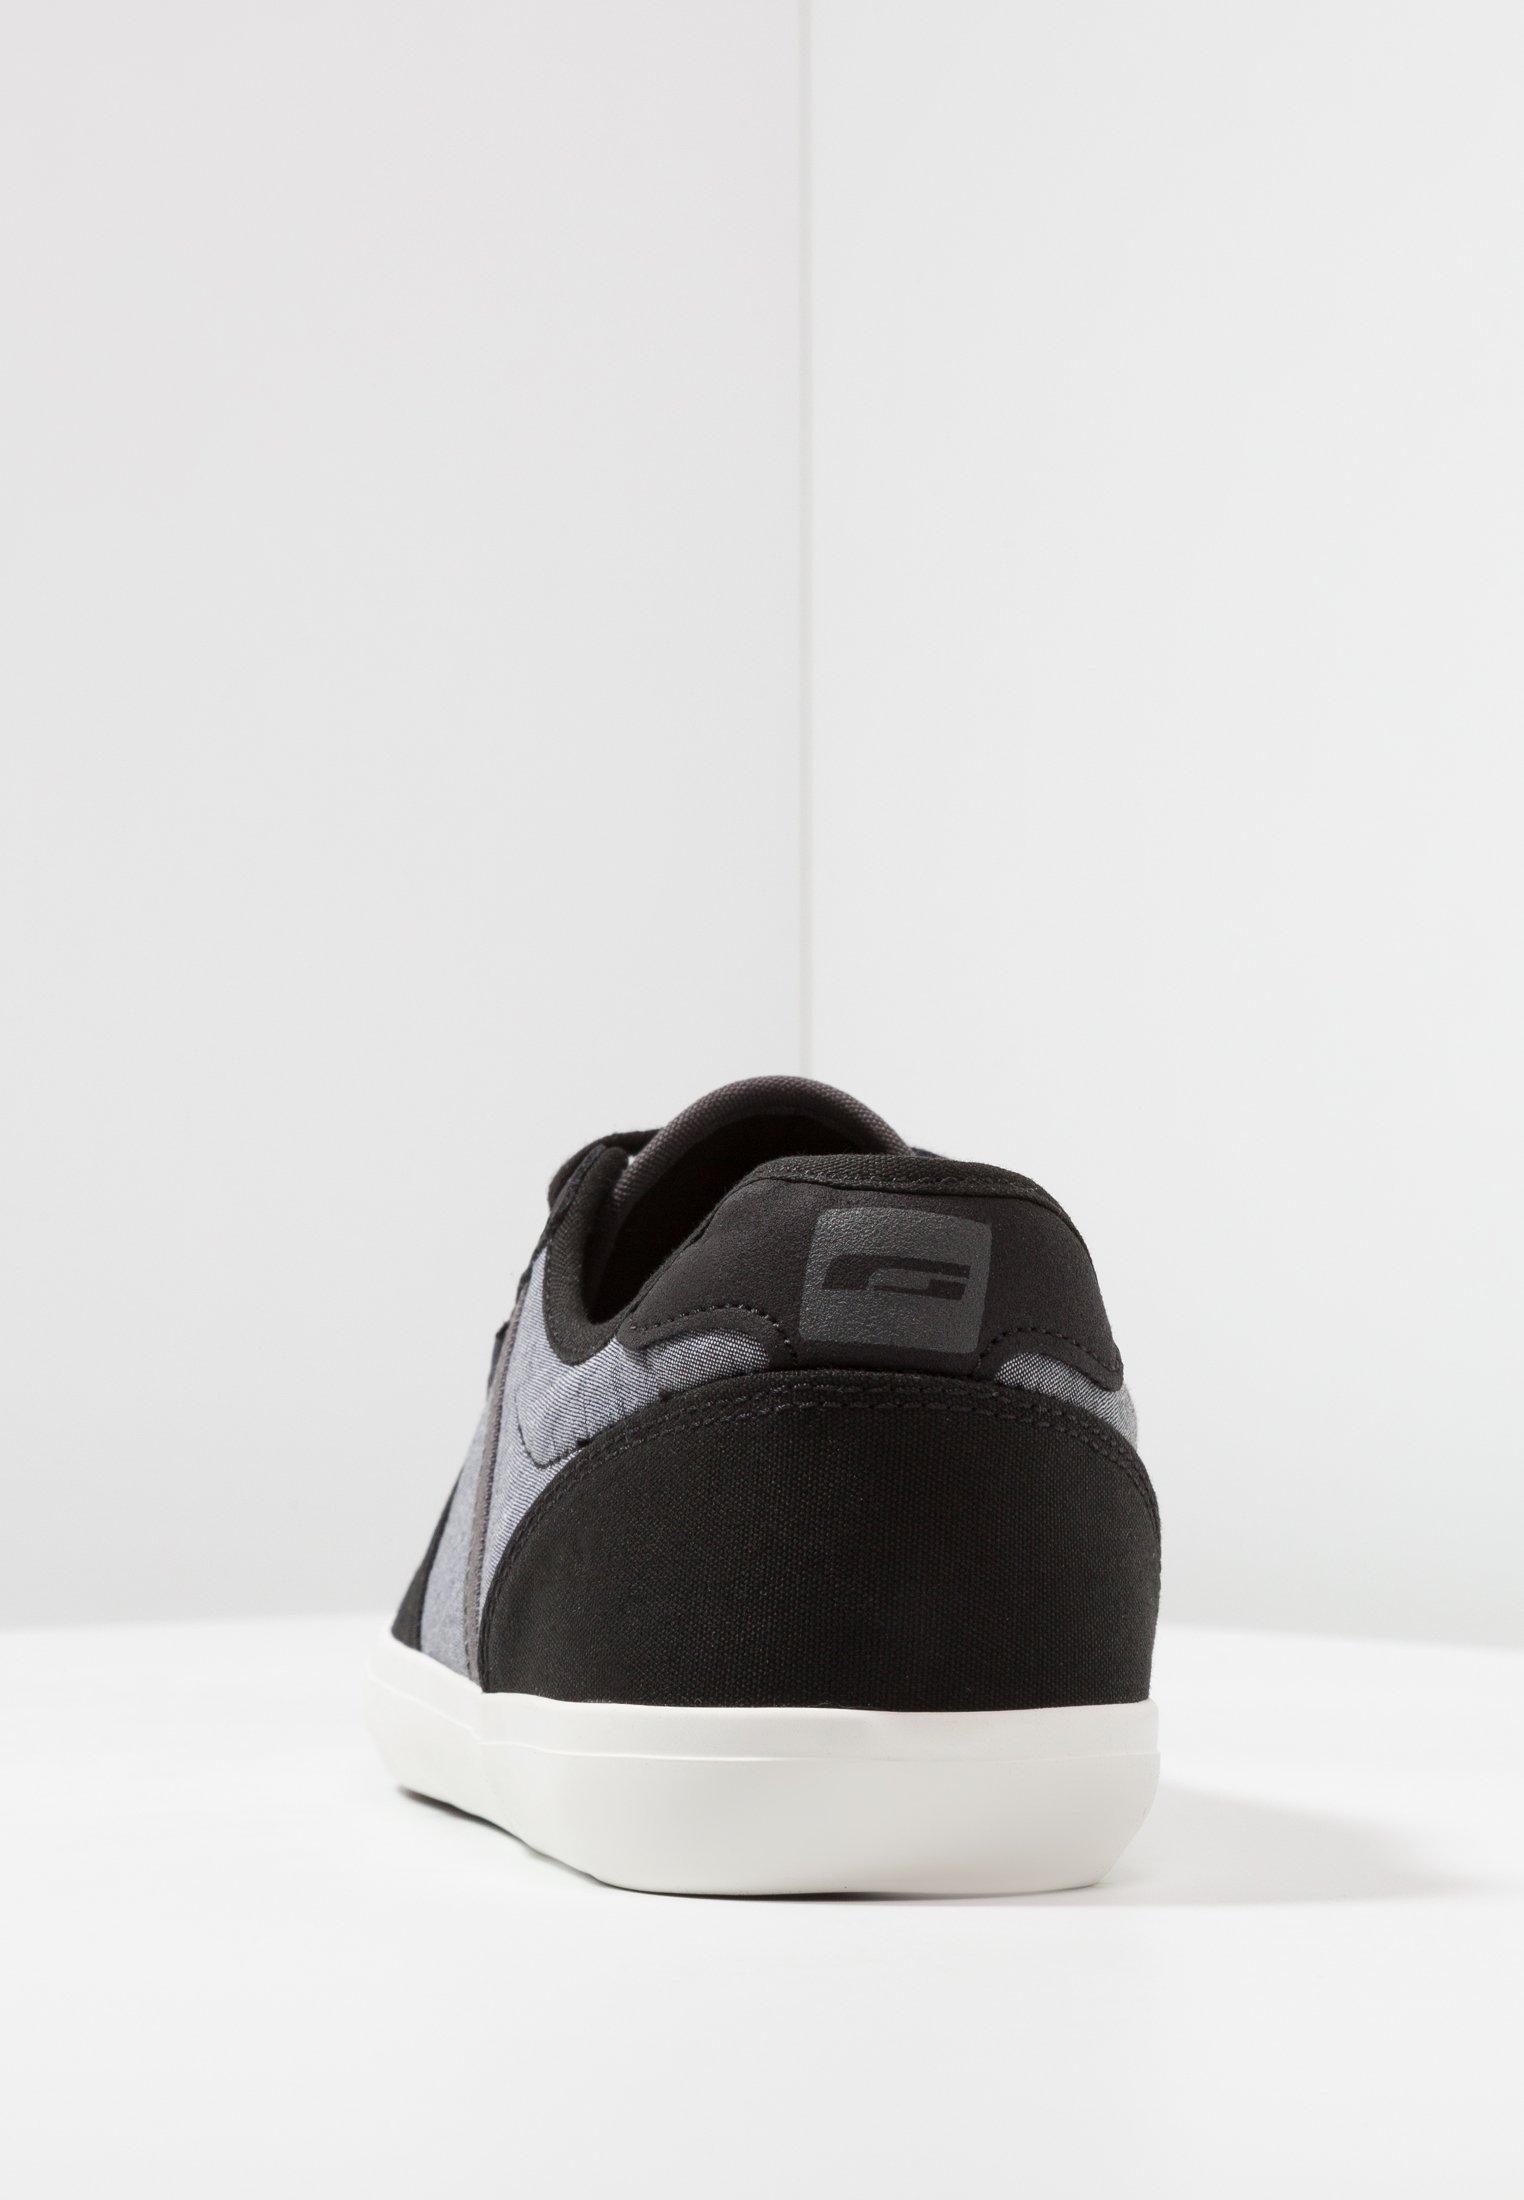 Jack & Jones Jfwlogan Combo - Sneakers Laag Anthracite Goedkope Schoenen